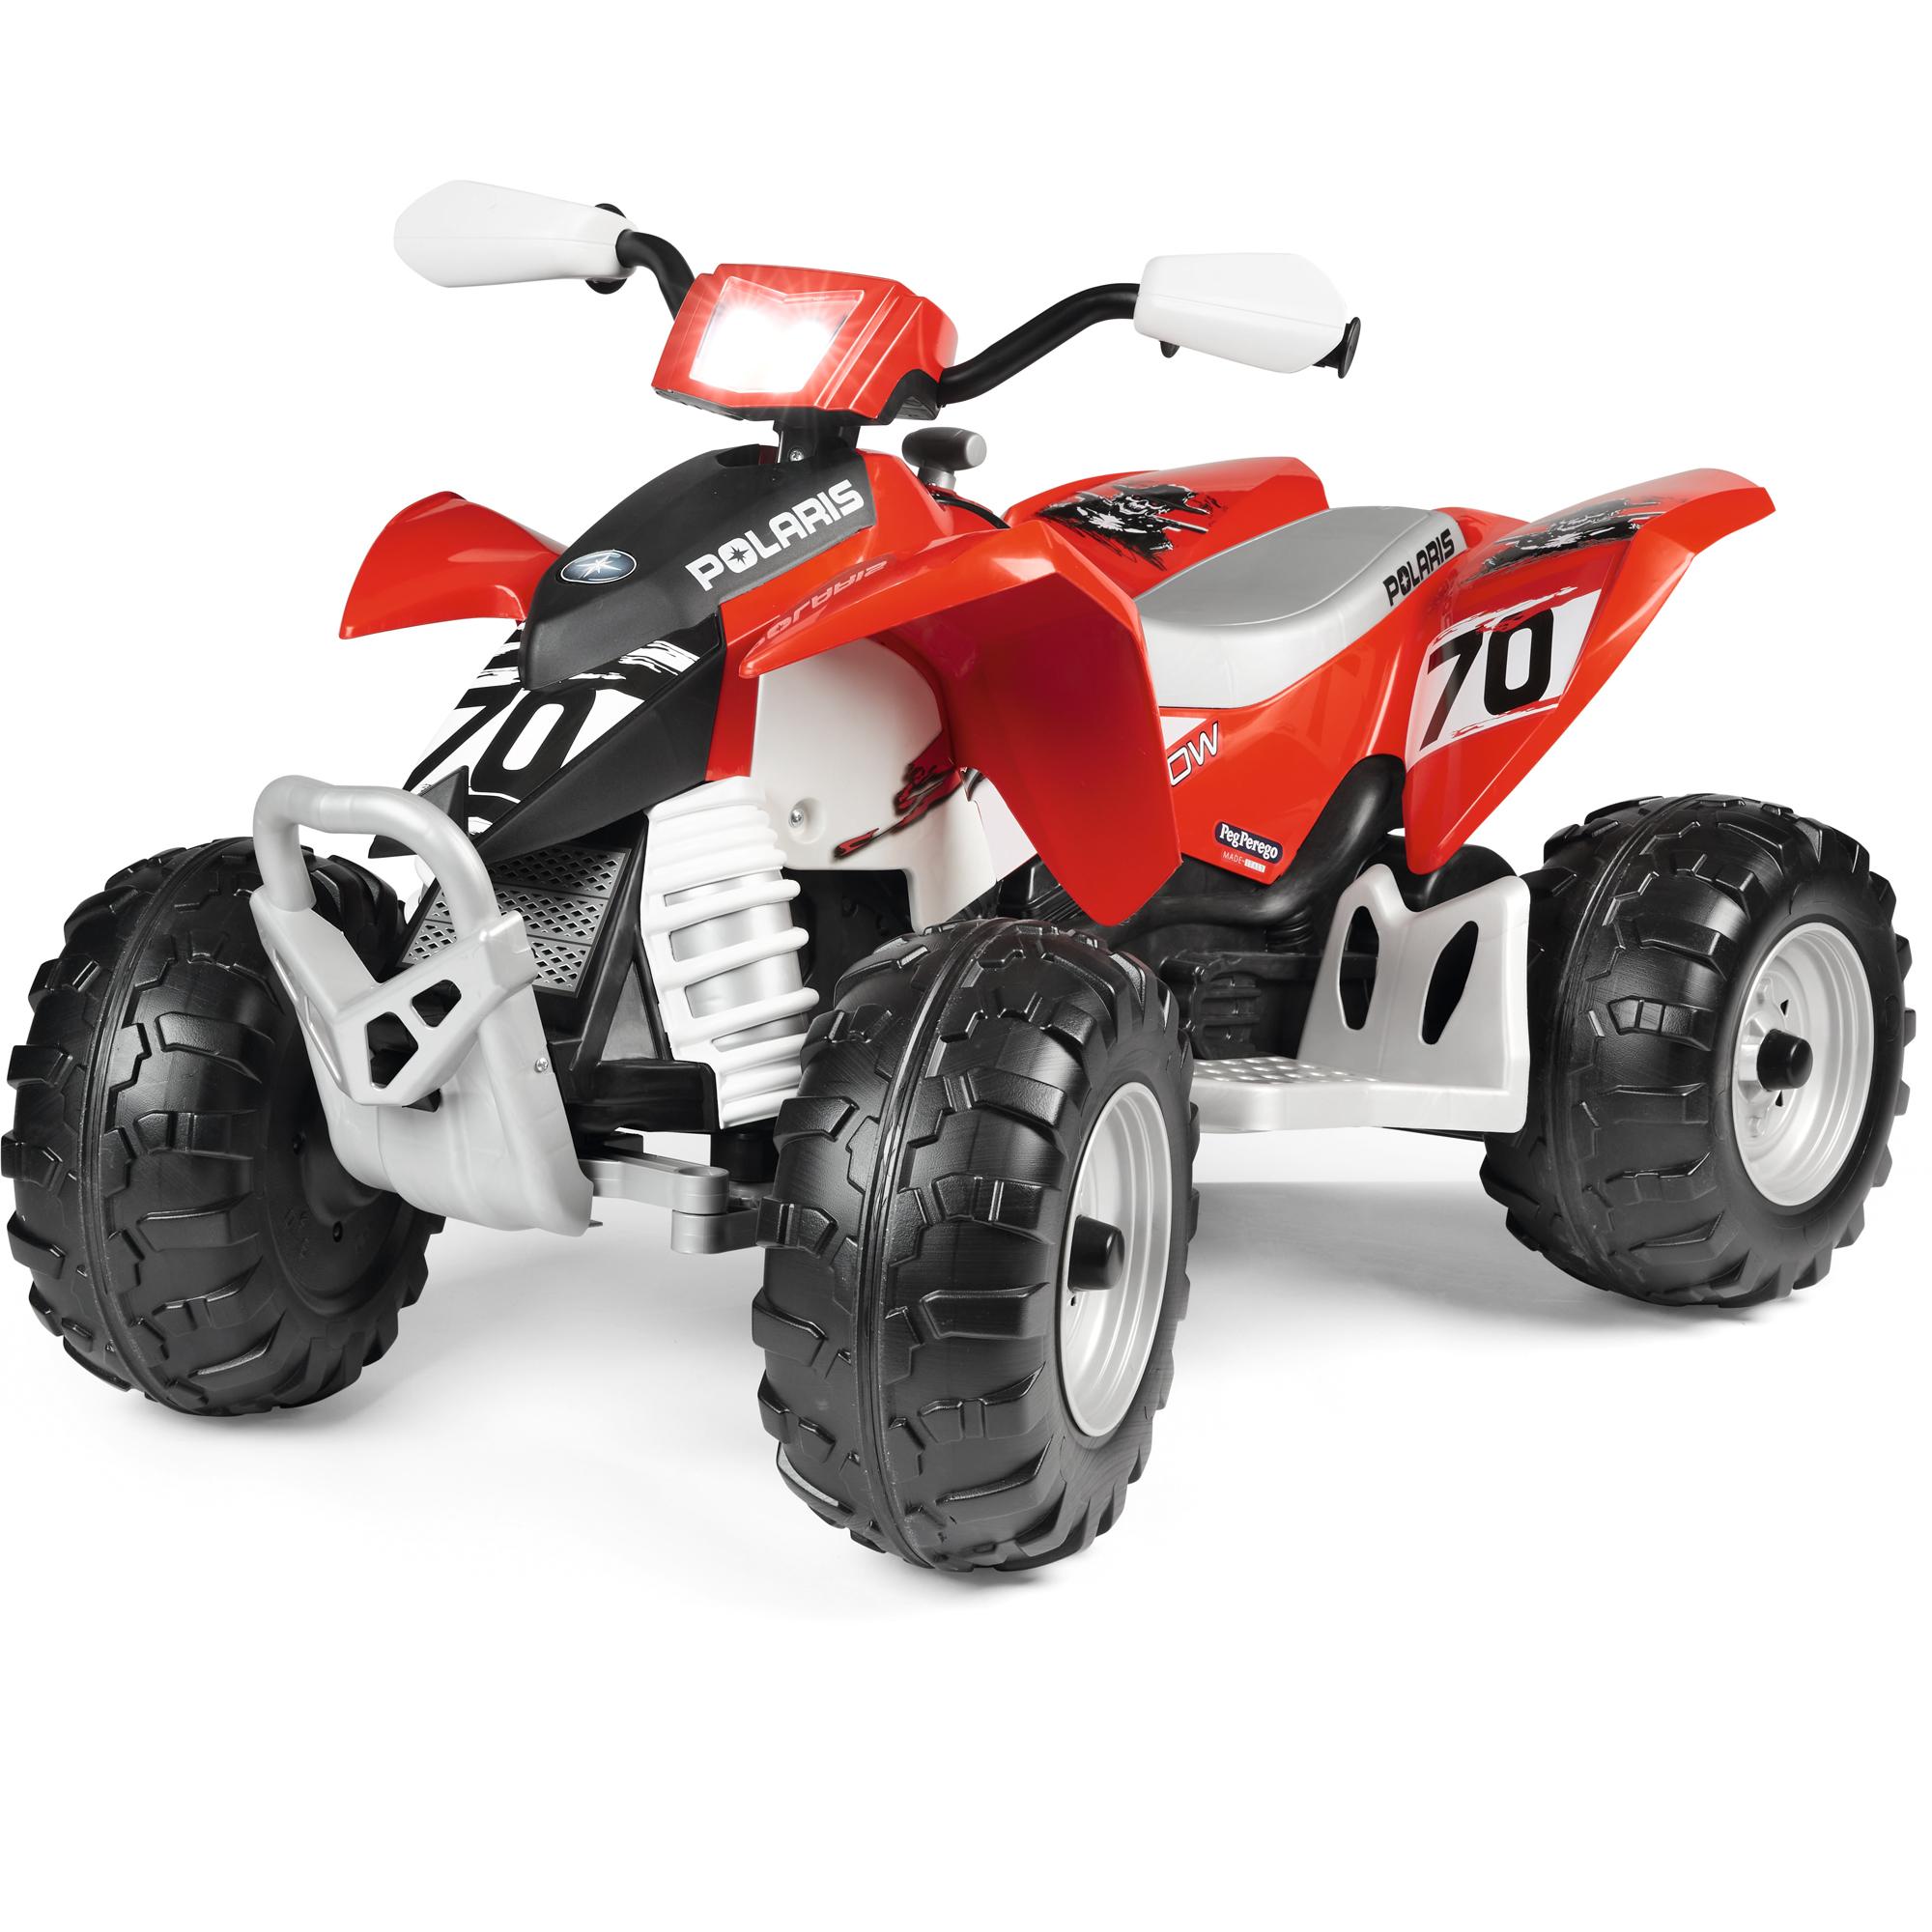 ATV Peg Perego Polaris Outlaw 330 W, 12V, 3 ani+, Negru / Rosu